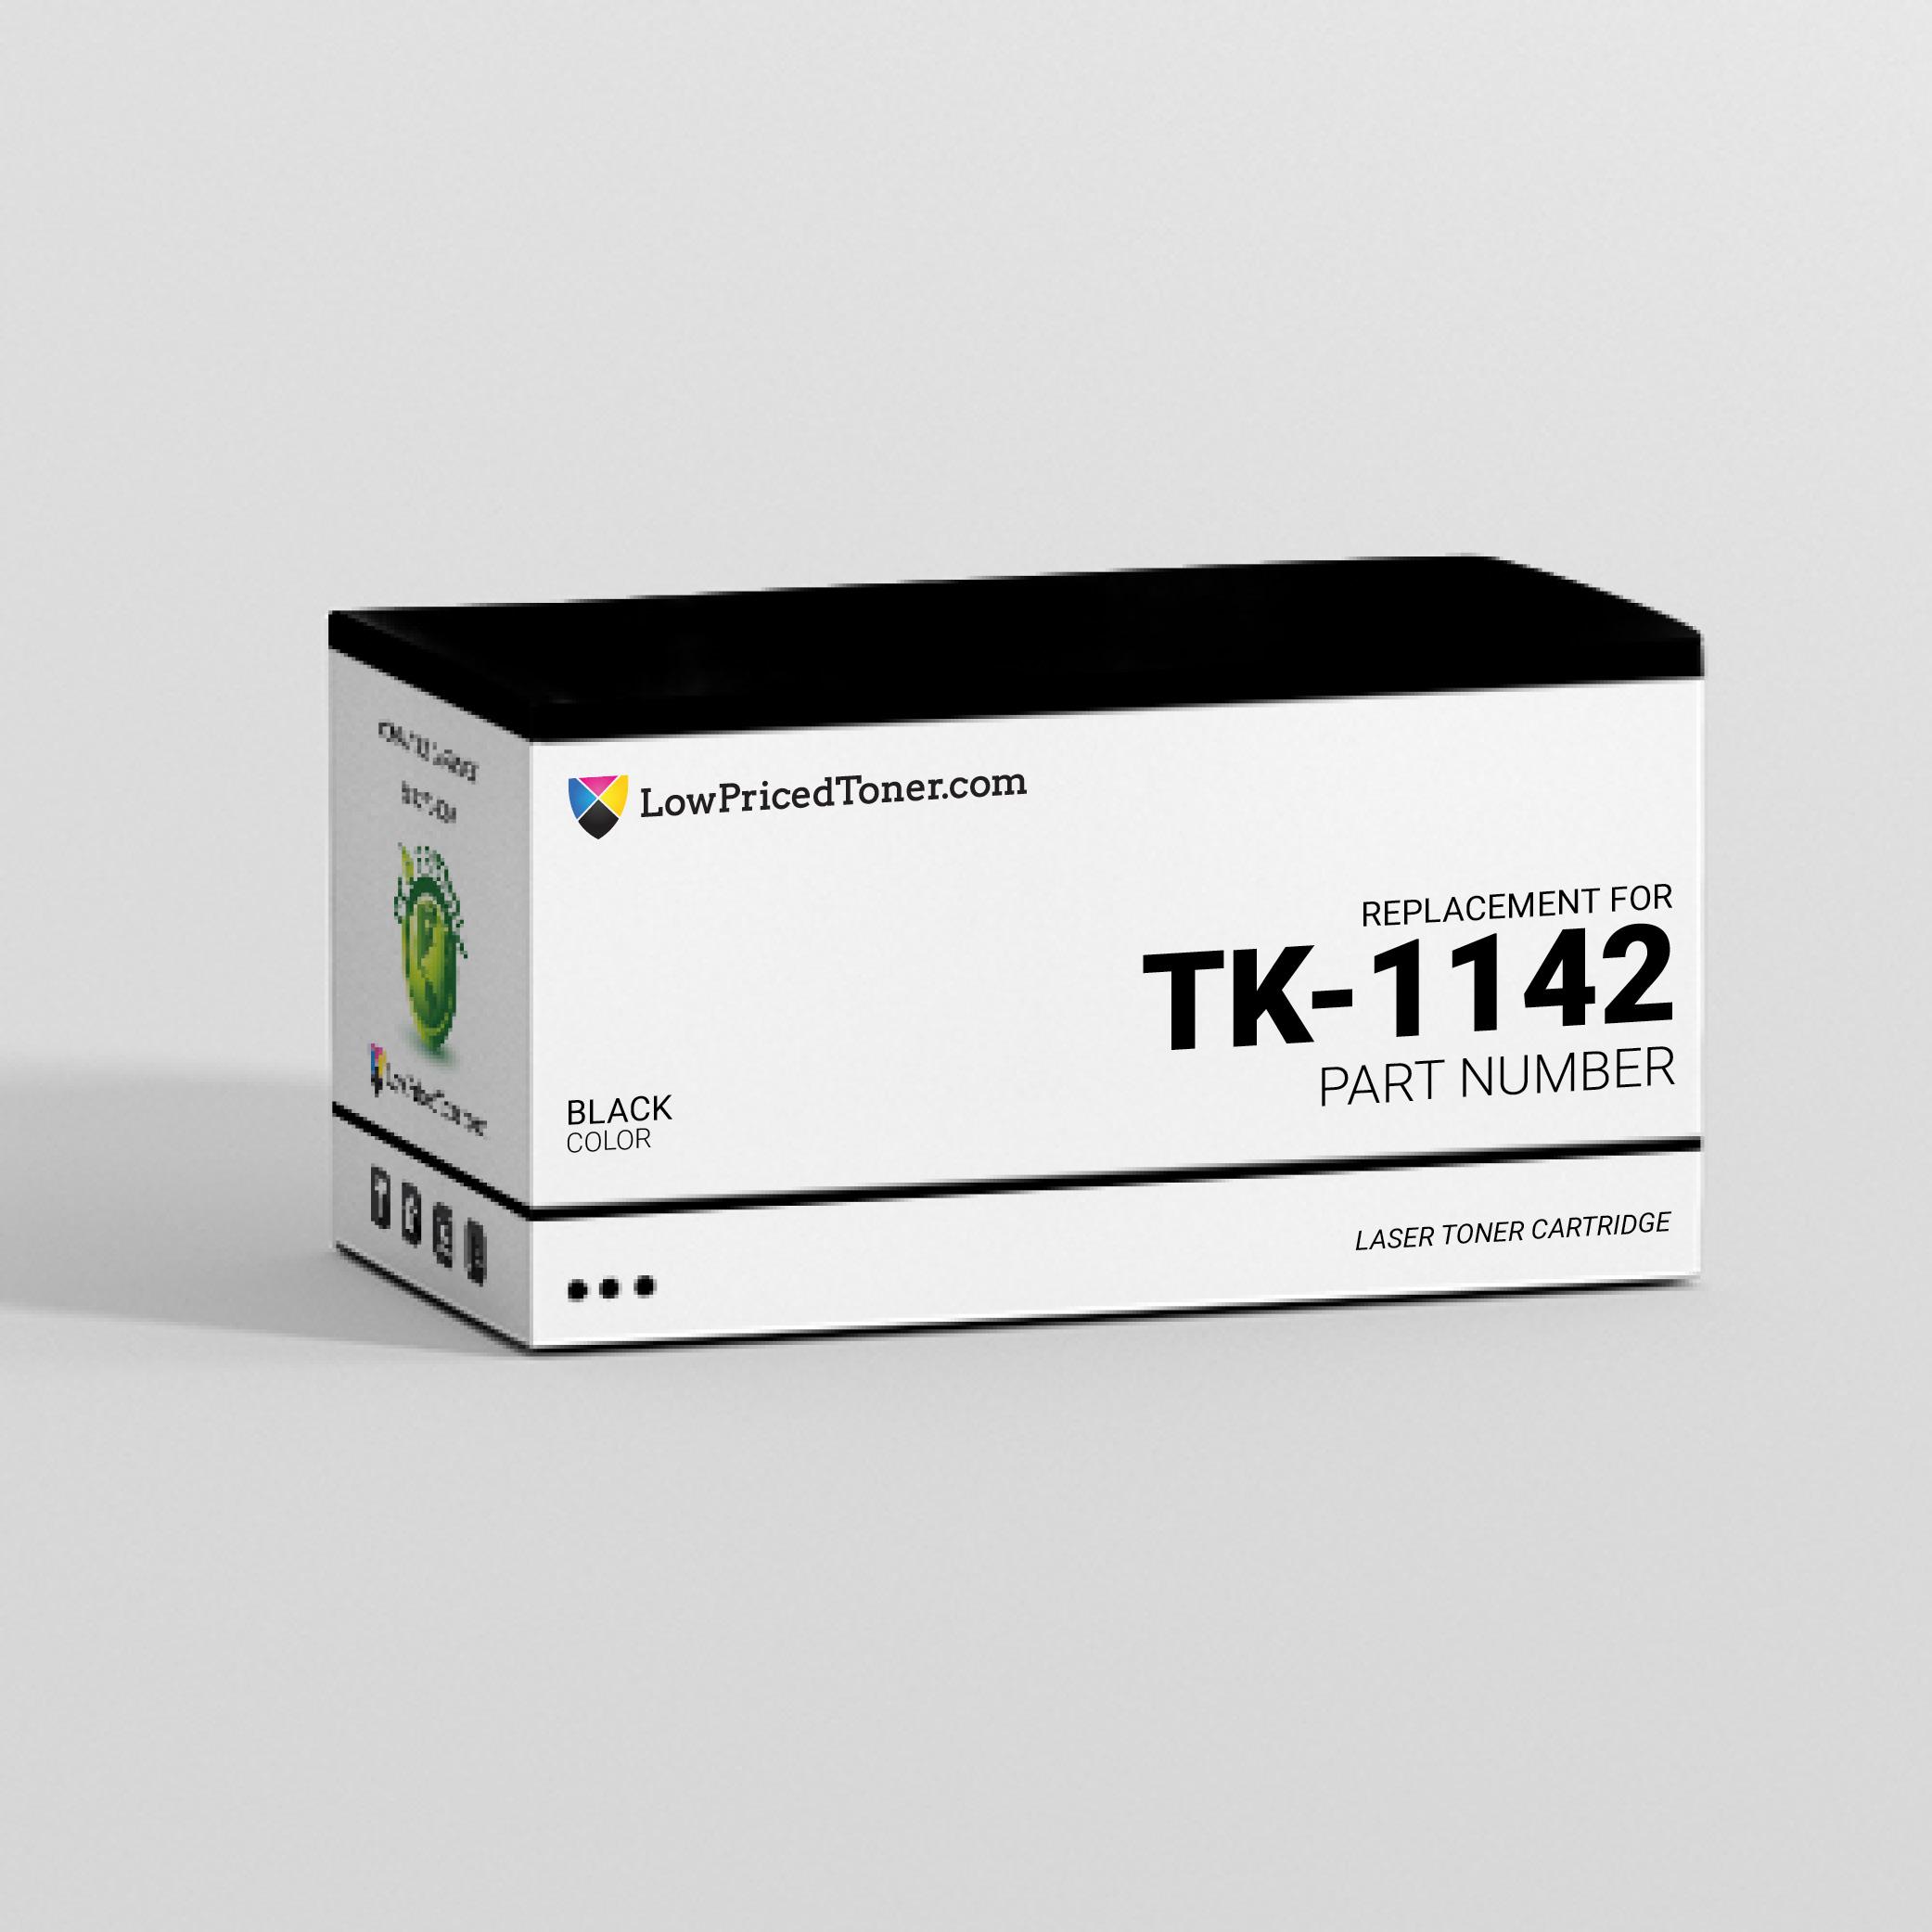 Kyocera TK-1142 Compatible Black Laser Toner Cartridge